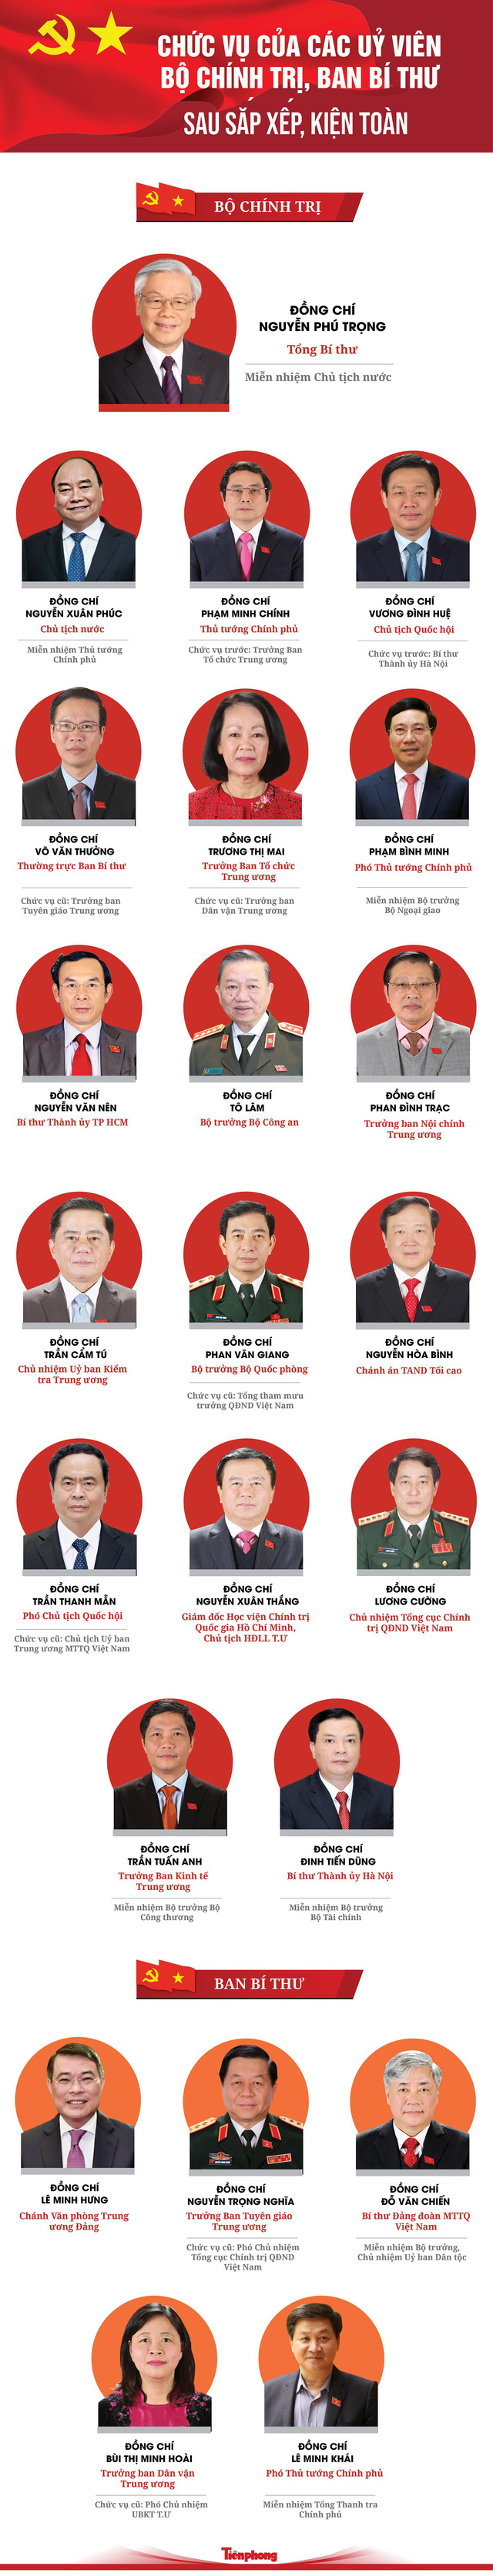 23 Ủy viên Bộ Chính trị, Ban Bí thư thay đổi chức danh ra sao sau kiện toàn, sắp xếp  - Ảnh 1.